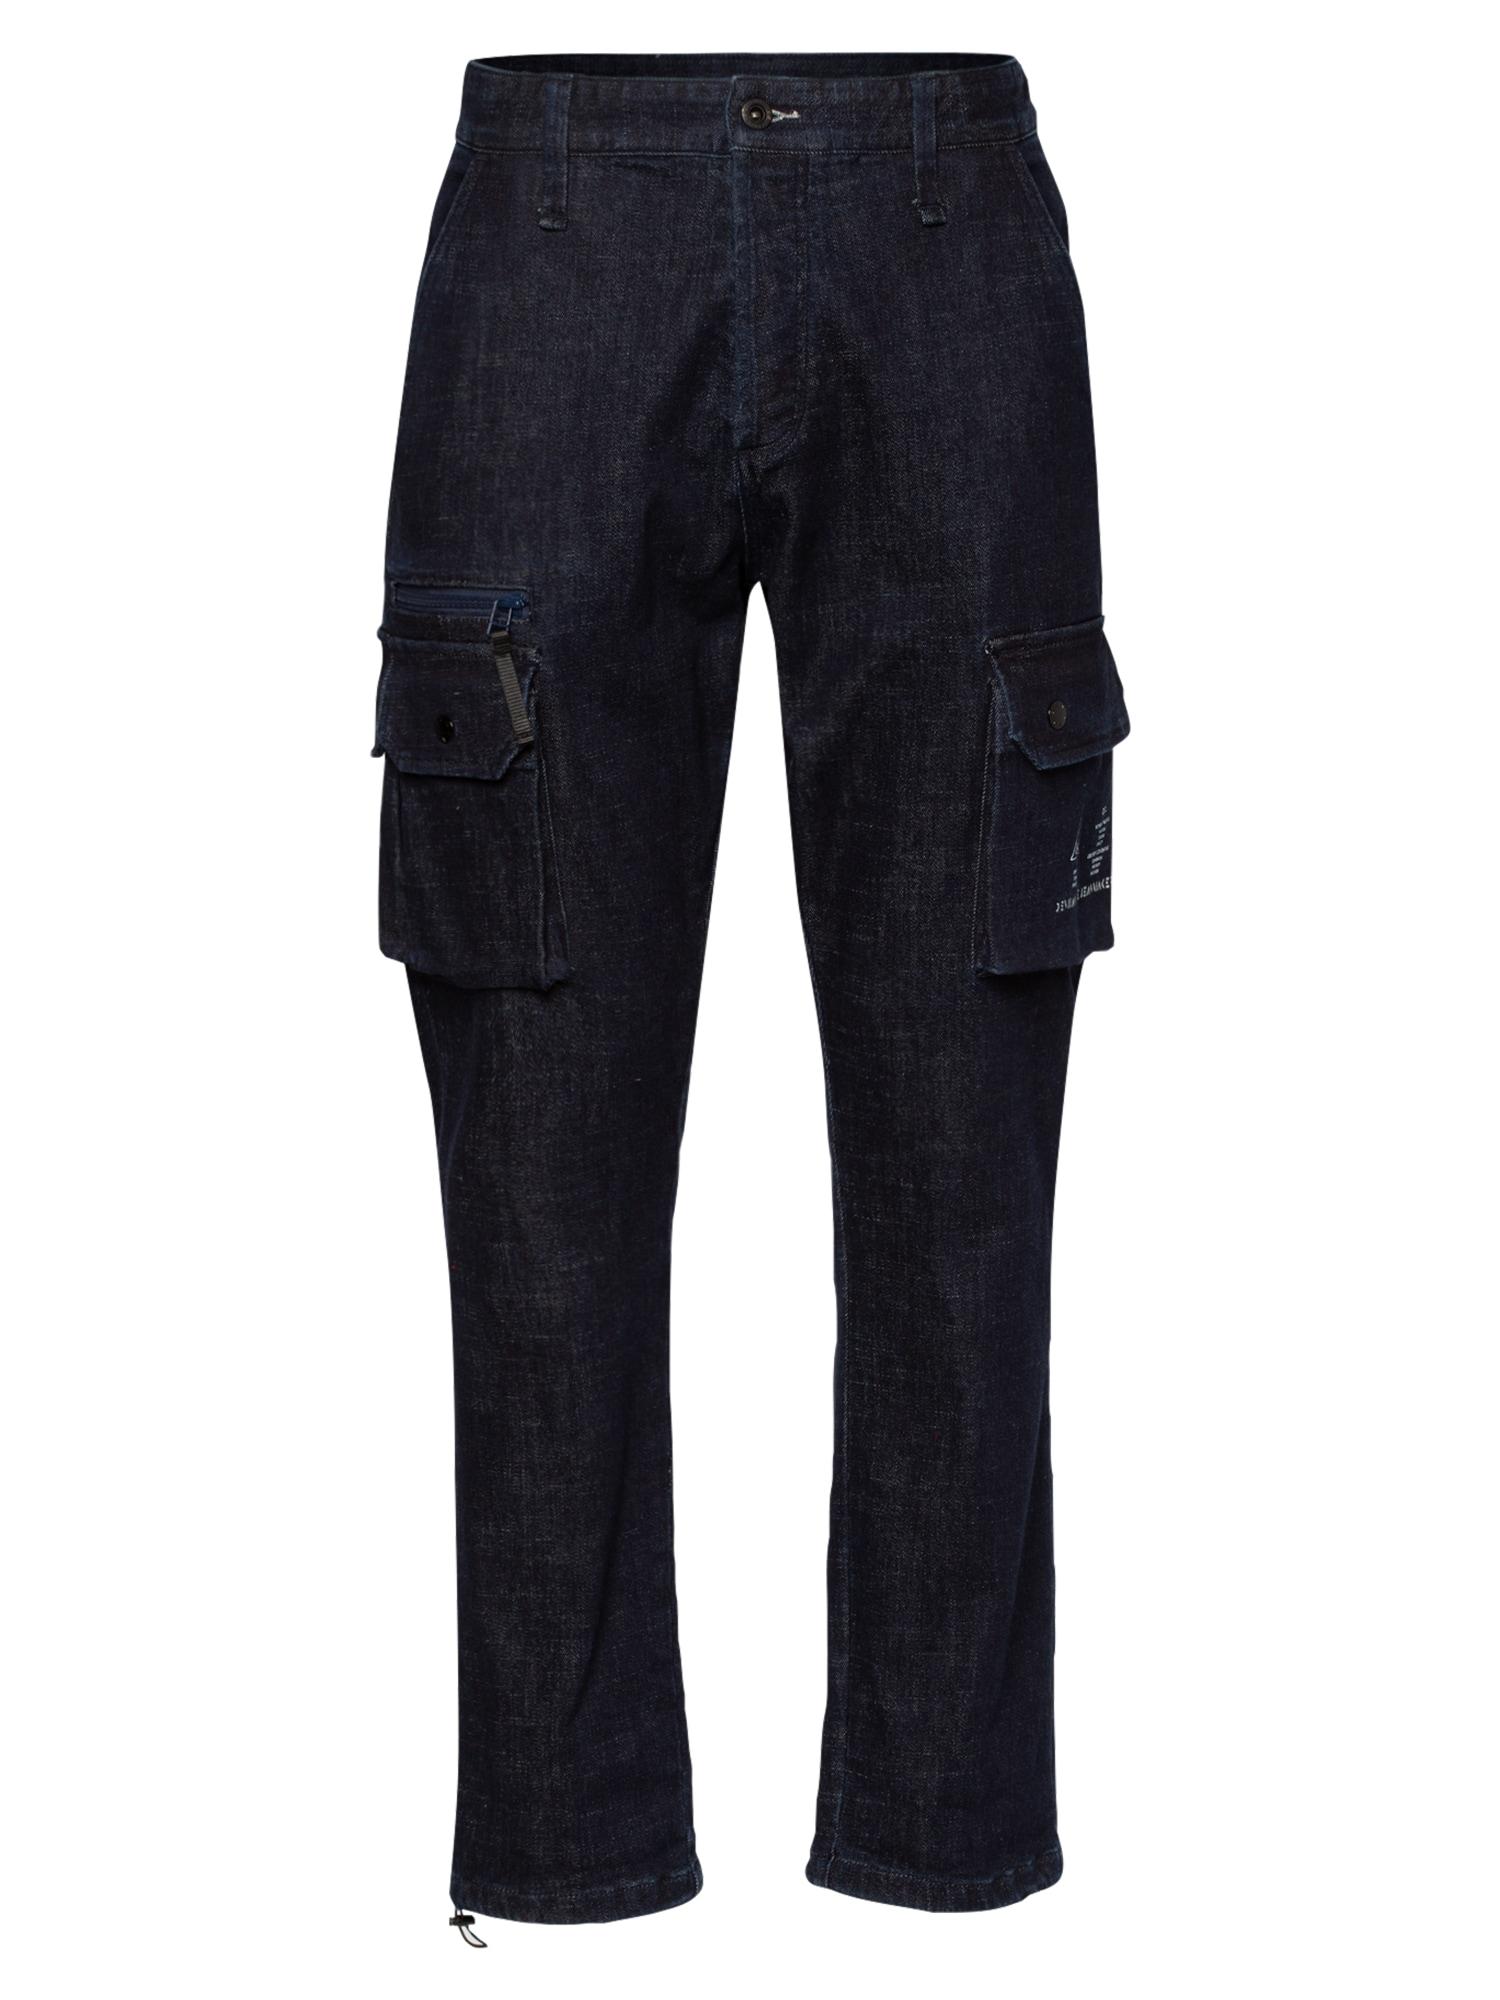 DENHAM Darbinio stiliaus džinsai tamsiai mėlyna